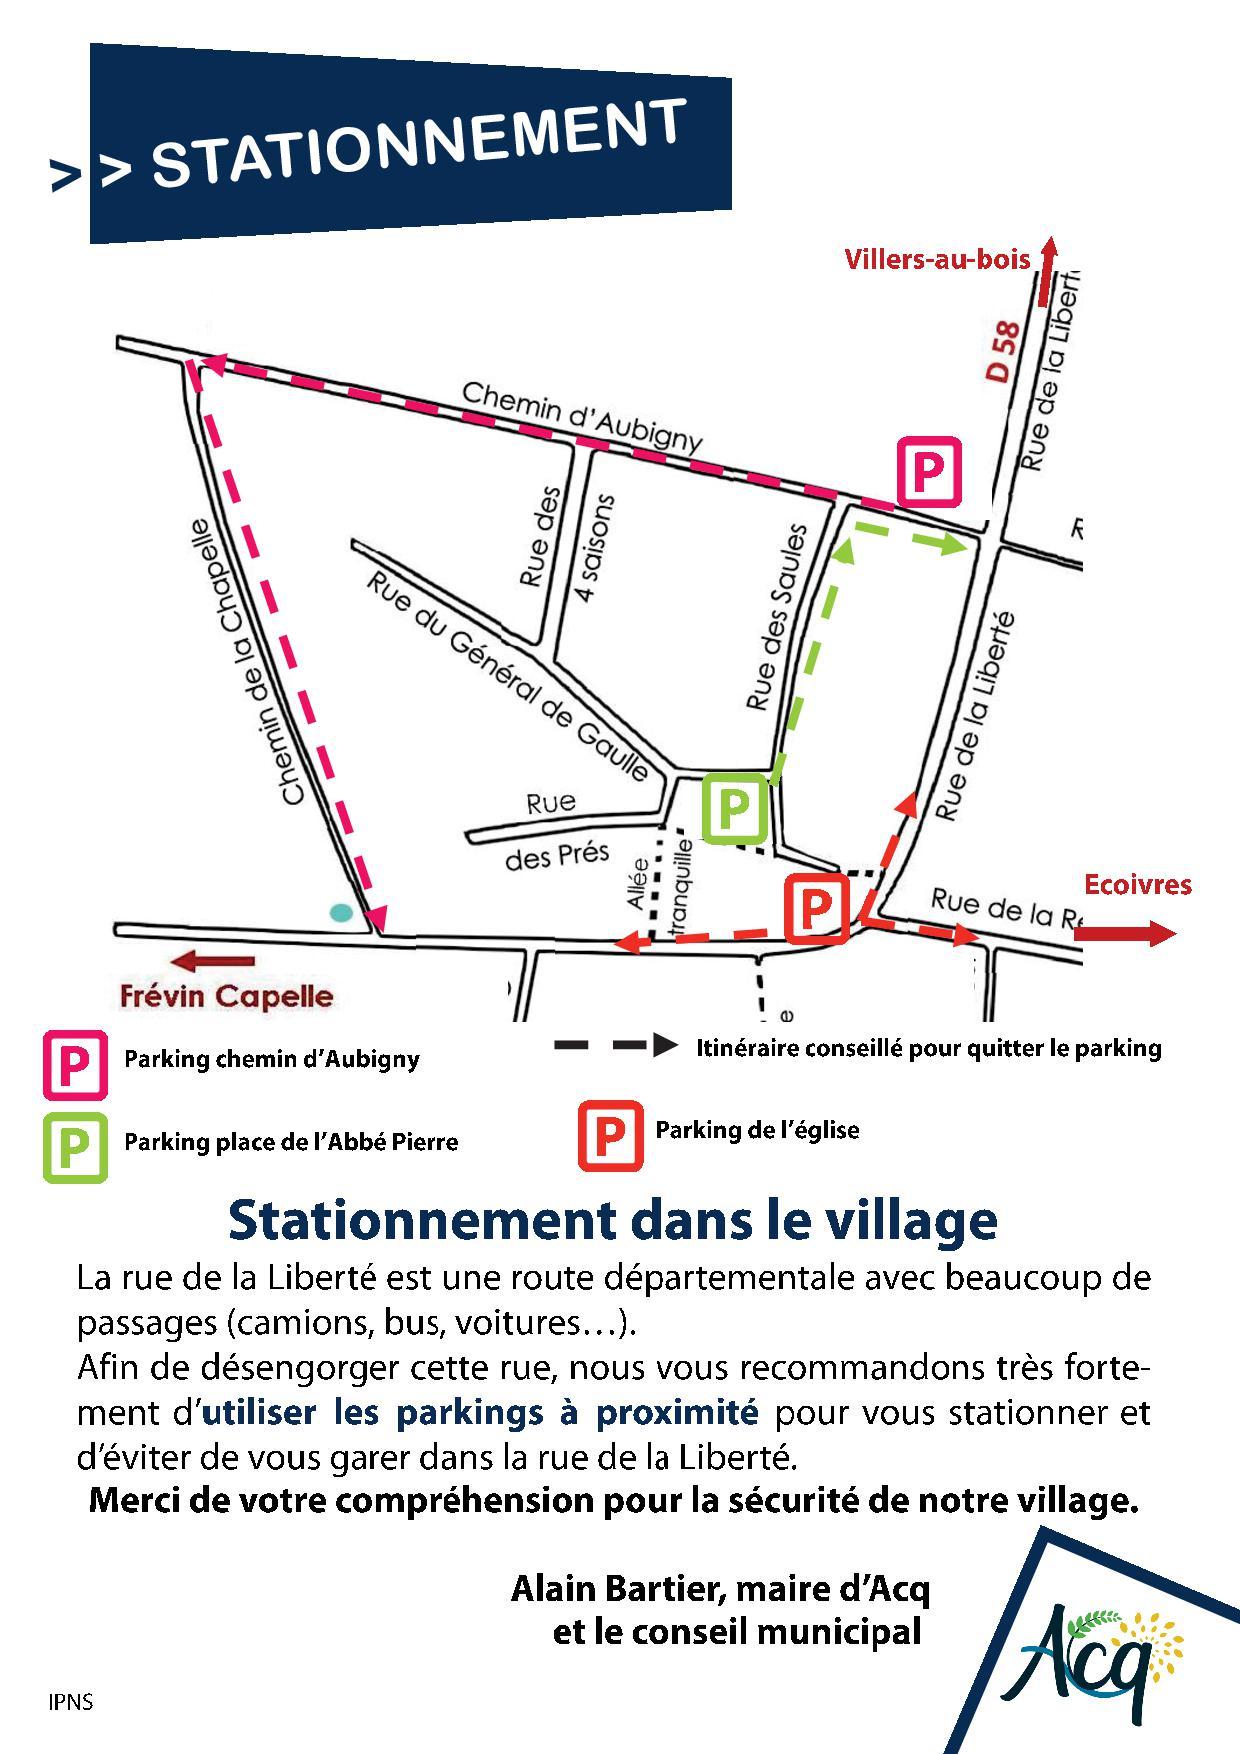 info stationnement.jpg